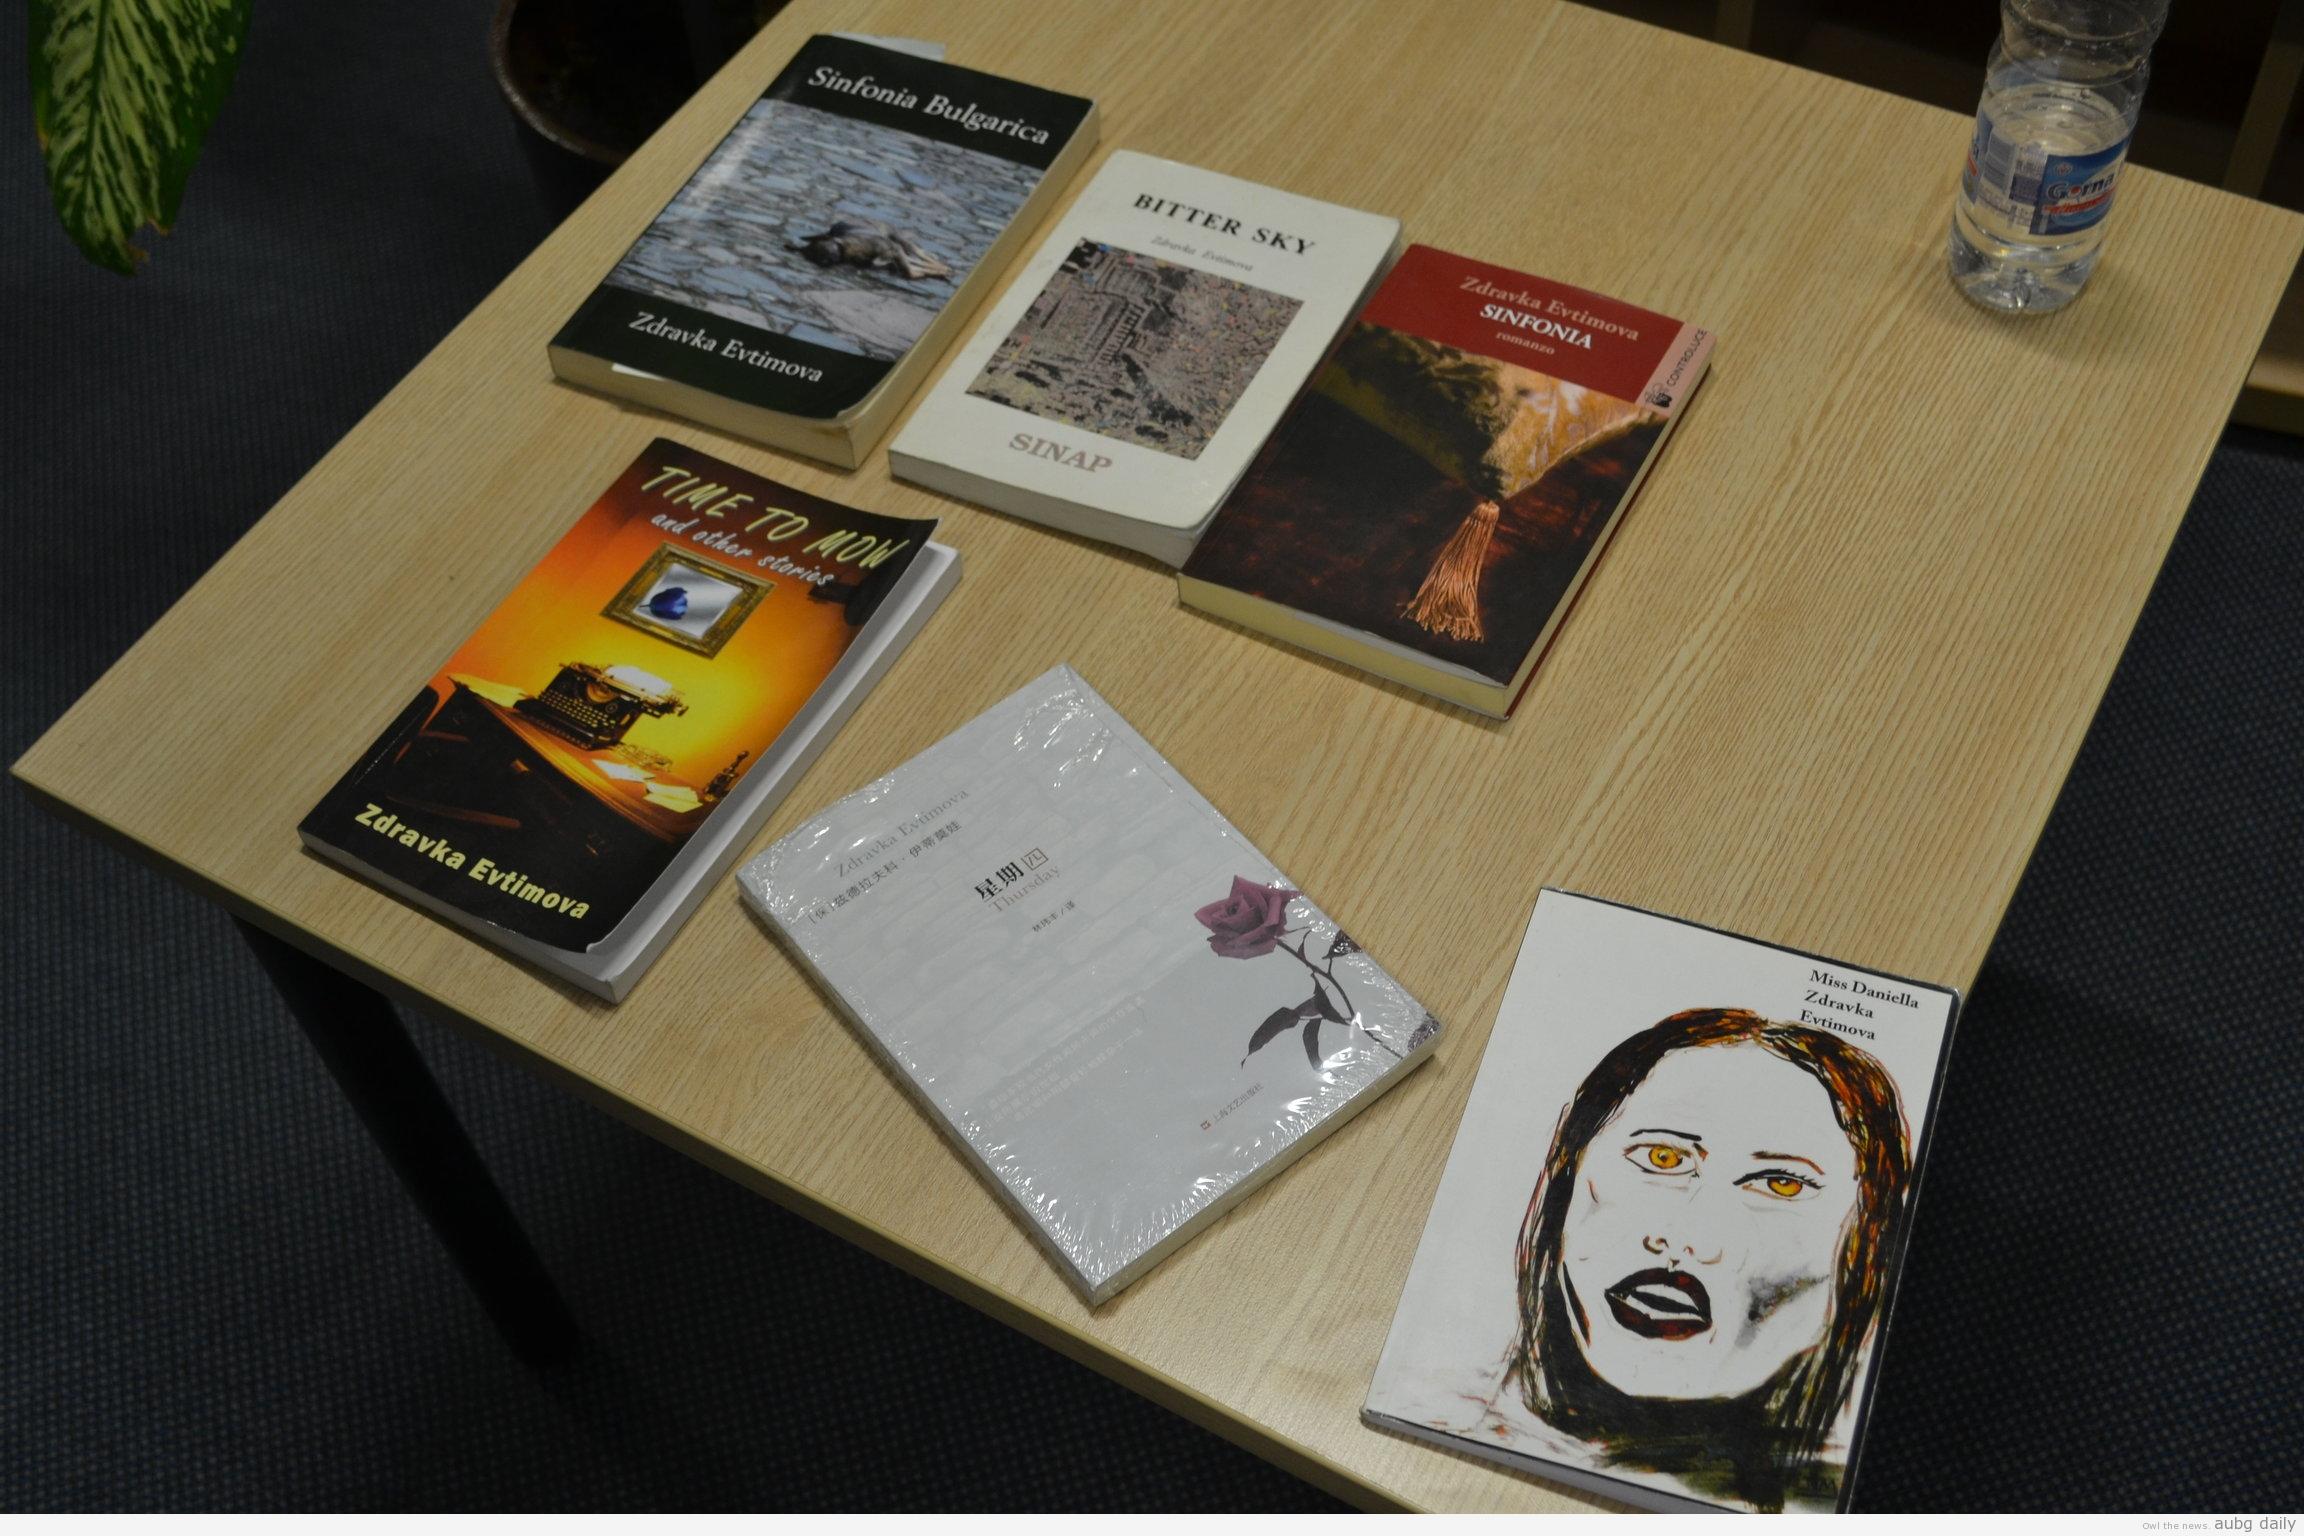 Evtimova's works